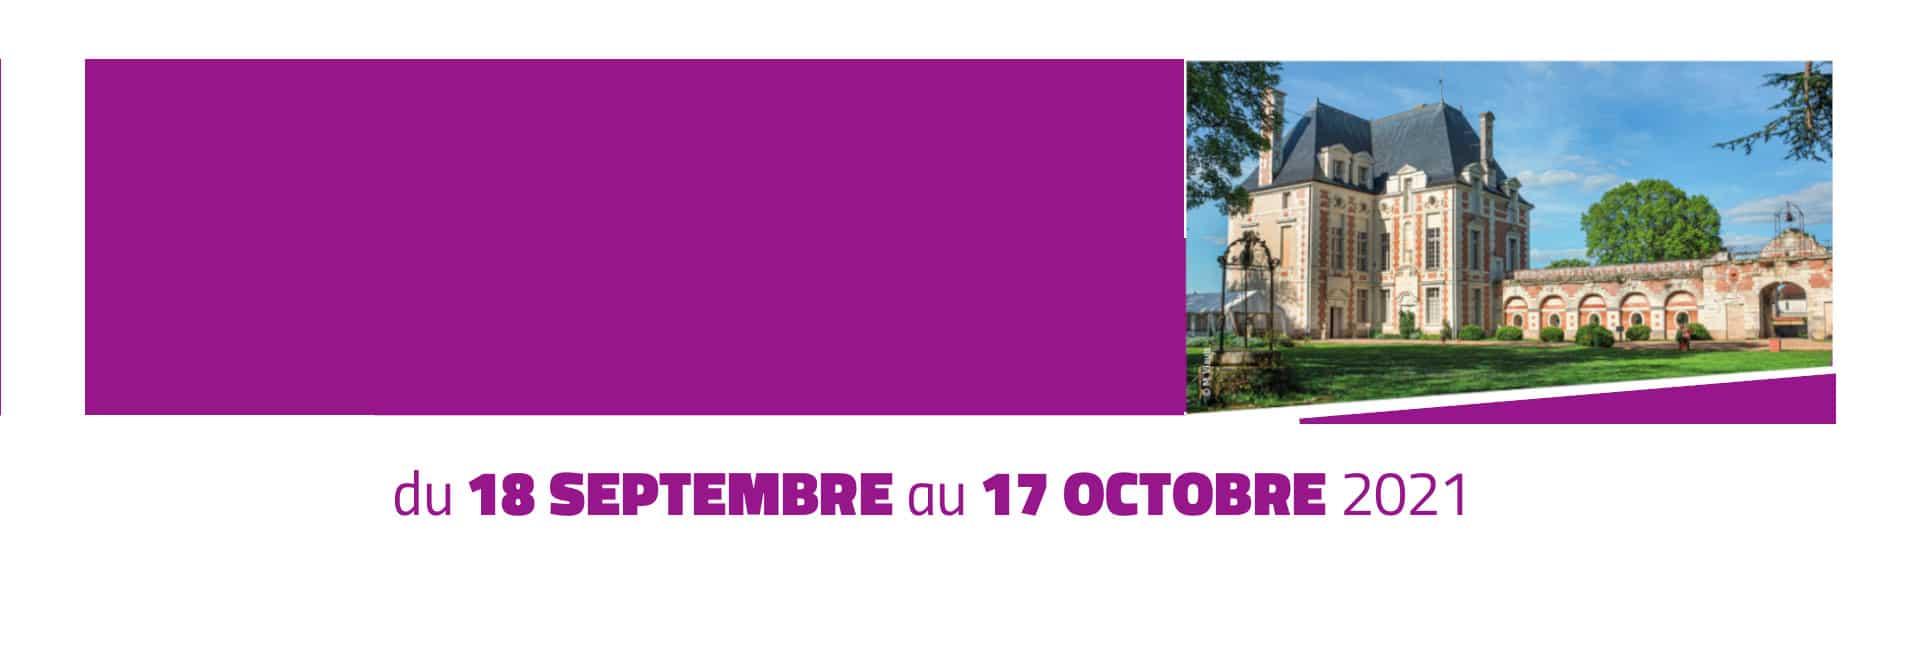 Visitez gratuitement le château de Selles sur Cher